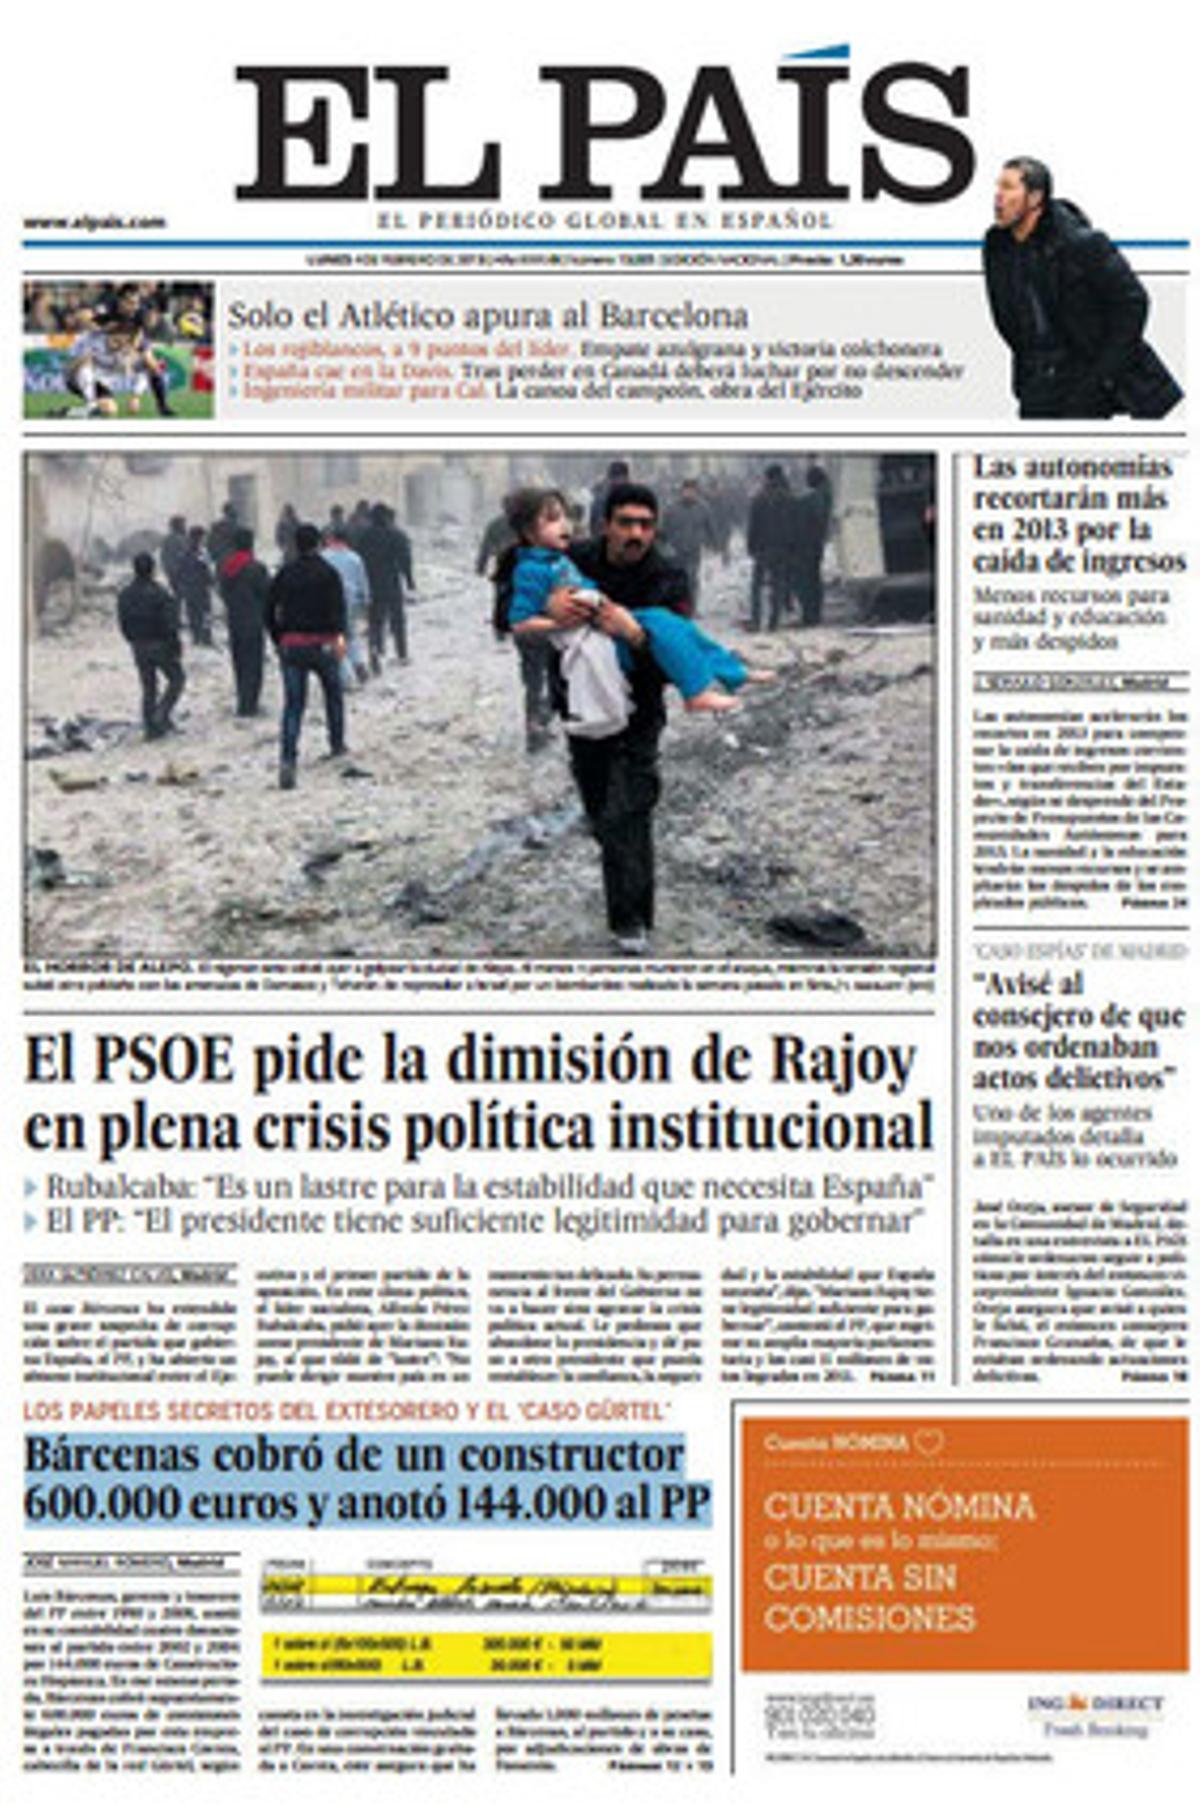 El País, 4-2-2013